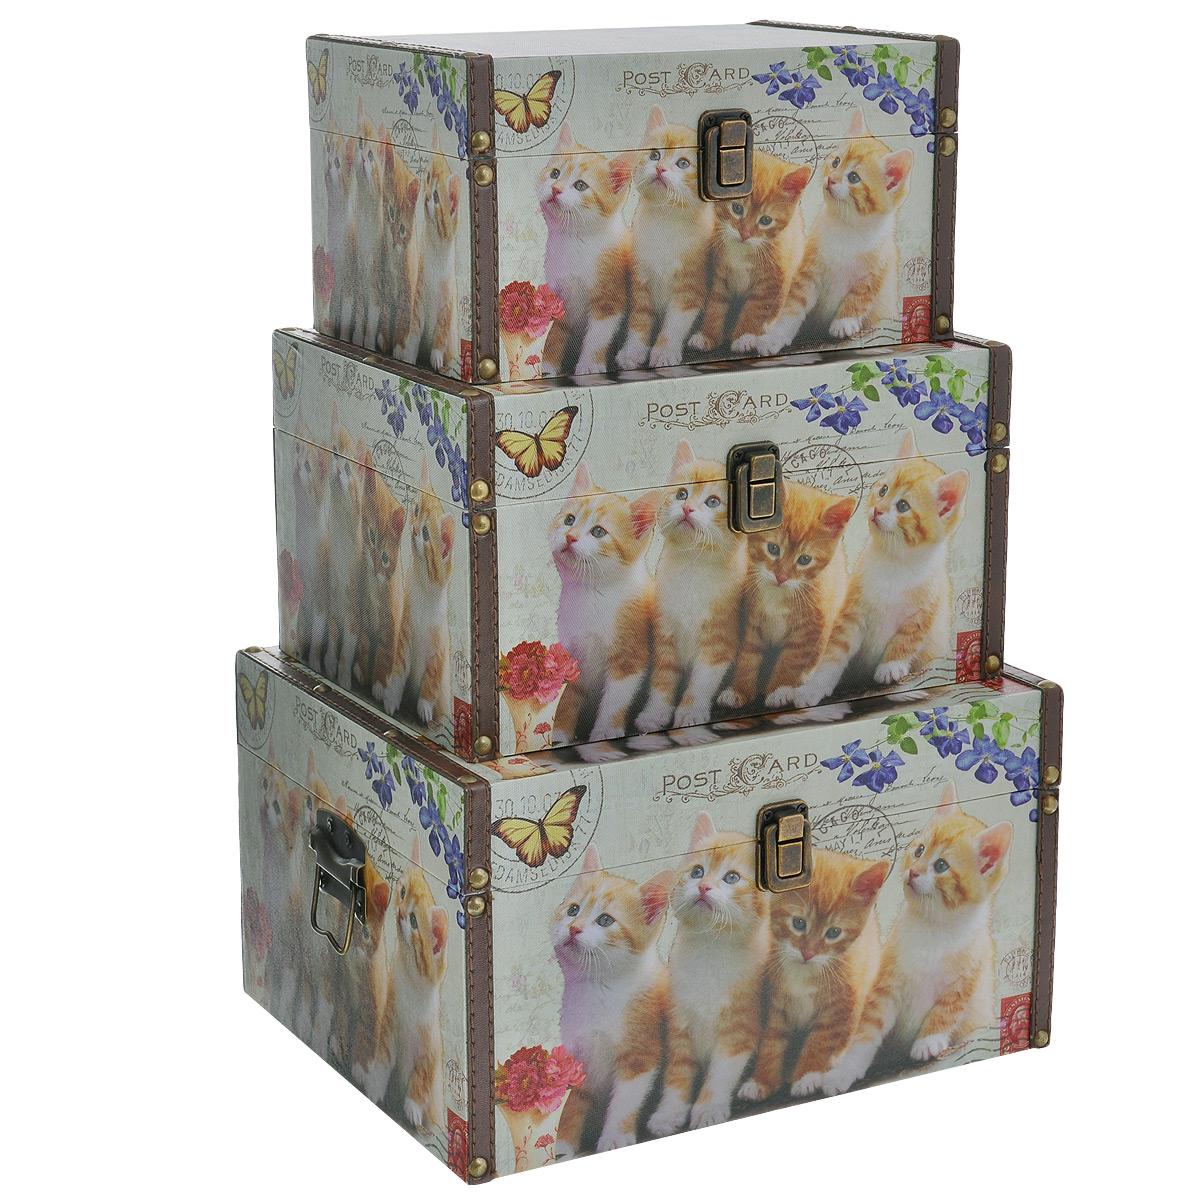 Набор шкатулок для рукоделия Котята, цвет: белый, рыжий, 3 штTL3976R2Набор Котята состоит из трех шкатулок разного размера, изготовленных из МДФ, картона и холщовой ткани и оснащенных крышками. Изделия декорированы изображением забавных рыжих котят. Крышки закрываются на металлический замок-защелку. Внутри изделия обтянуты тканью коричневого цвета. Самая большая шкатулка имеет по бокам две металлические ручки для удобной переноски. Изящные шкатулки с ярким дизайном, складывающиеся одна в другую, предназначены для хранения мелочей, принадлежностей для шитья и творчества и других аксессуаров. Они красиво оформят интерьер комнаты и помогут хранить ваши вещи в порядке. Размер большой шкатулки: 30 см х 24 см х 17 см. Размер средней шкатулки: 27 см х 20 см х 15 см. Размер маленькой шкатулки: 24 см х 16 см х 13 см.